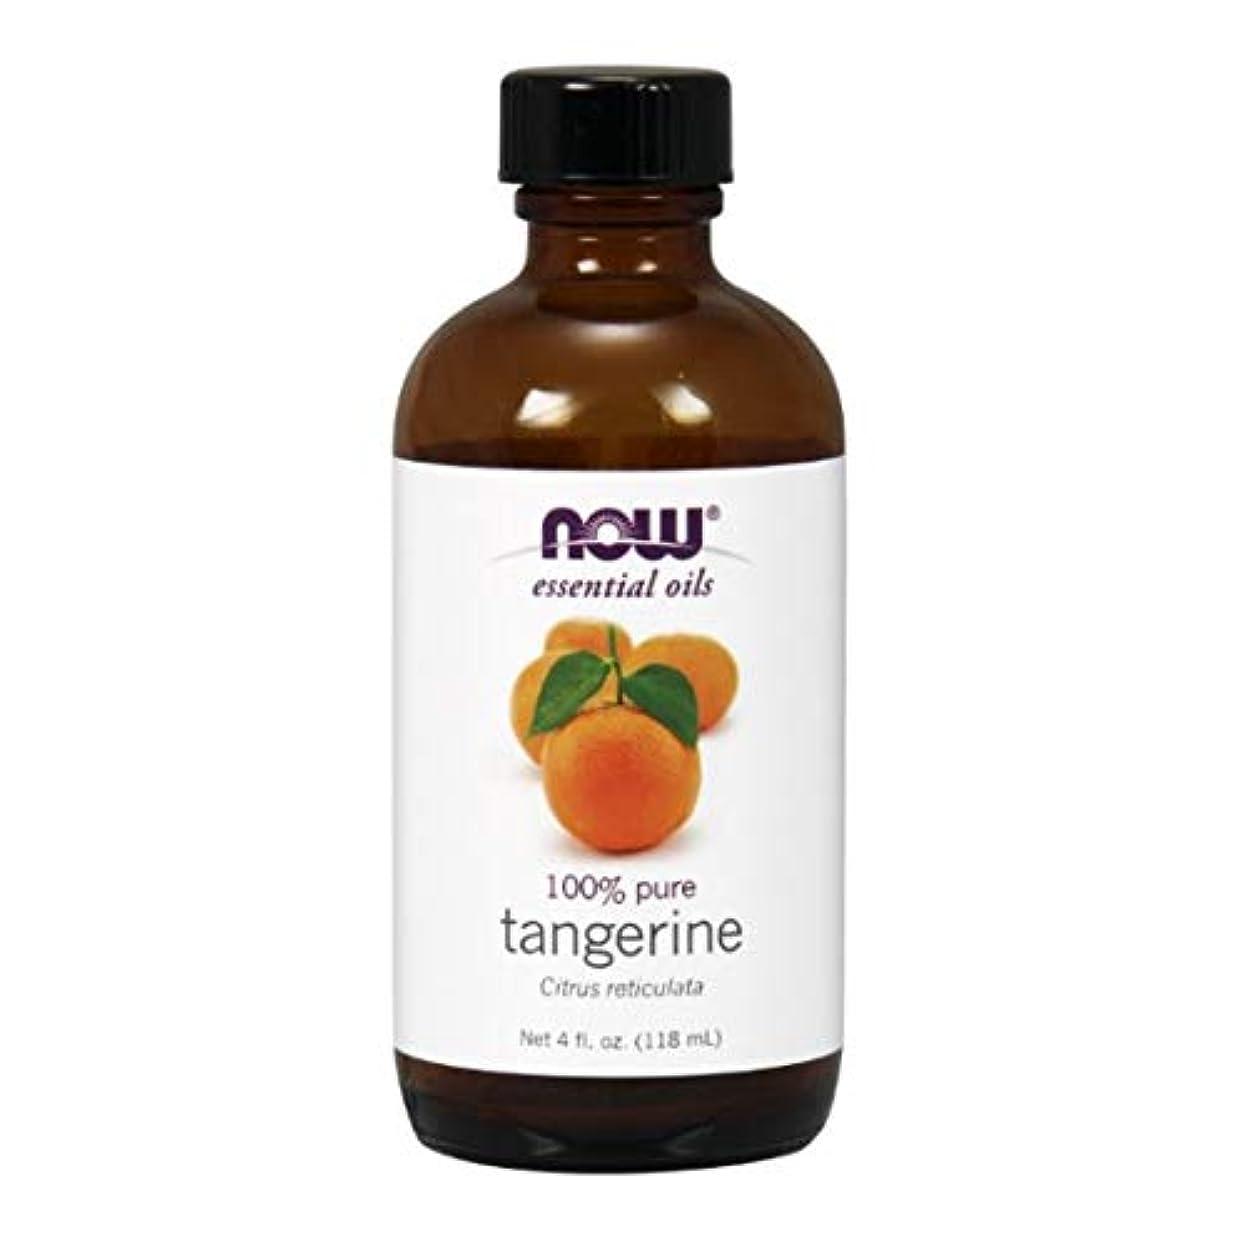 反対した乗算検出するNow - Tangerine Oil 100% Pure 4 oz (118 ml) [並行輸入品]